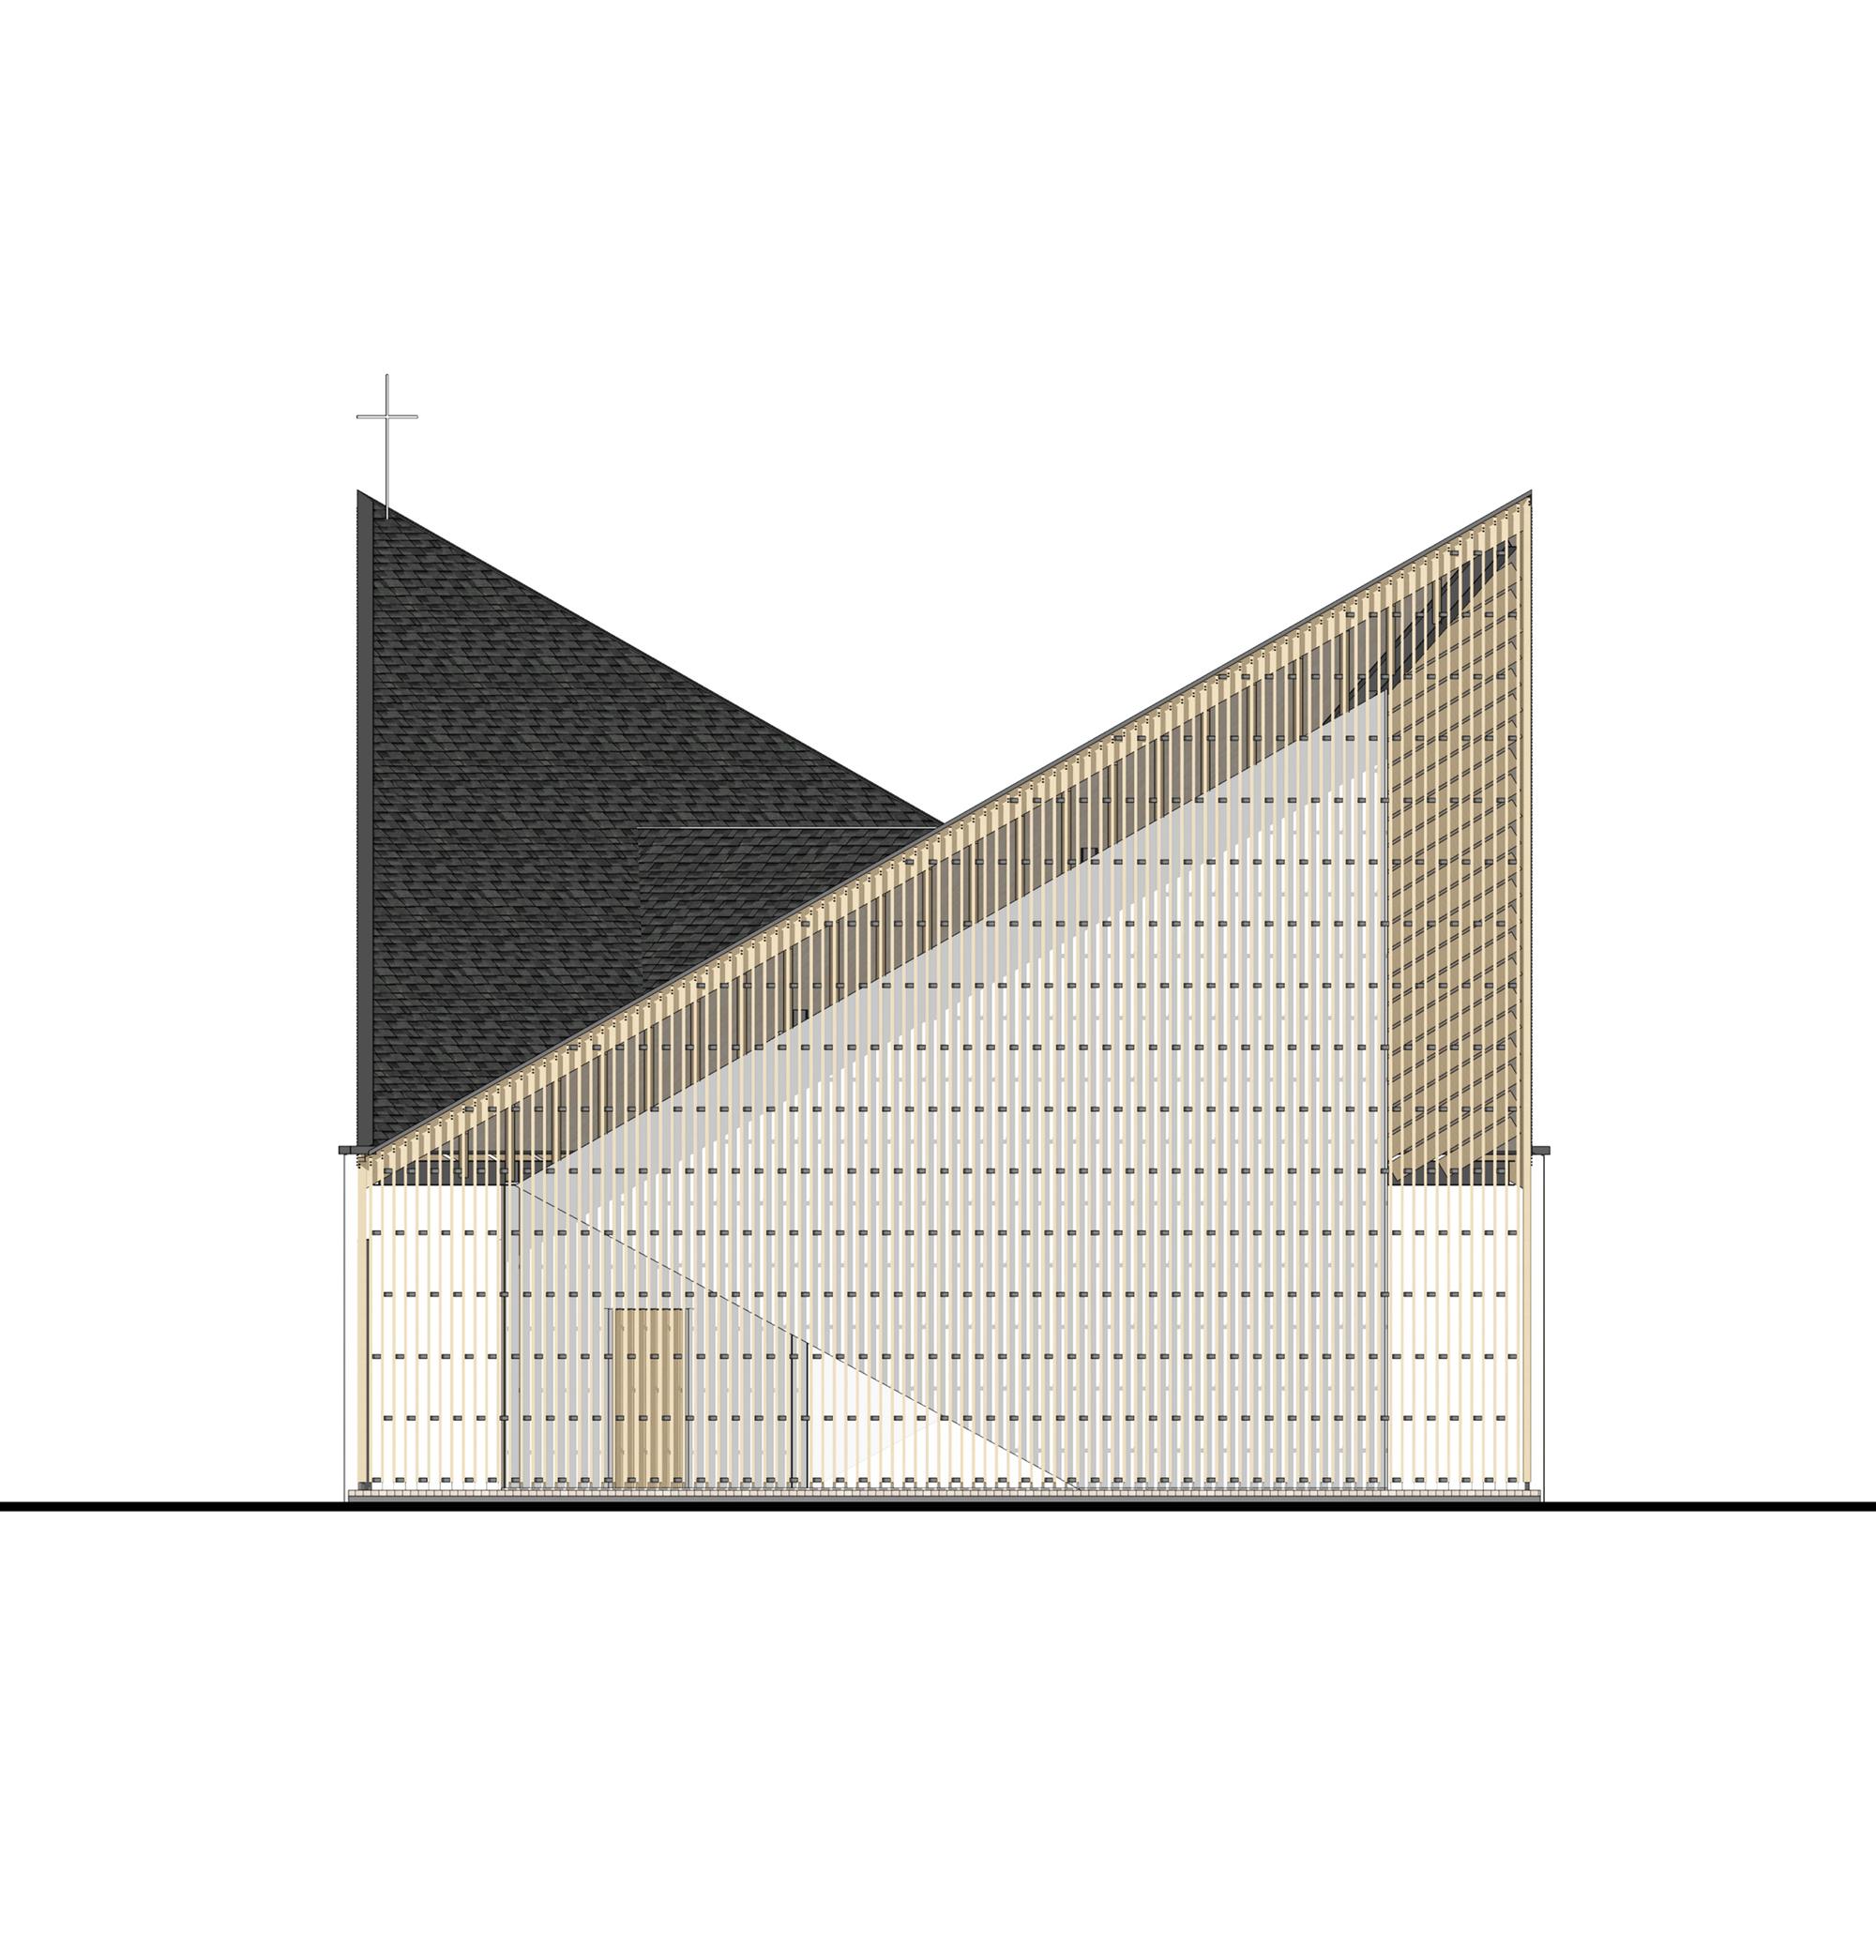 5434867ec07a8002d700001e_nanjing-wanjing-garden-chapel-azl-architects_southeast_elevation